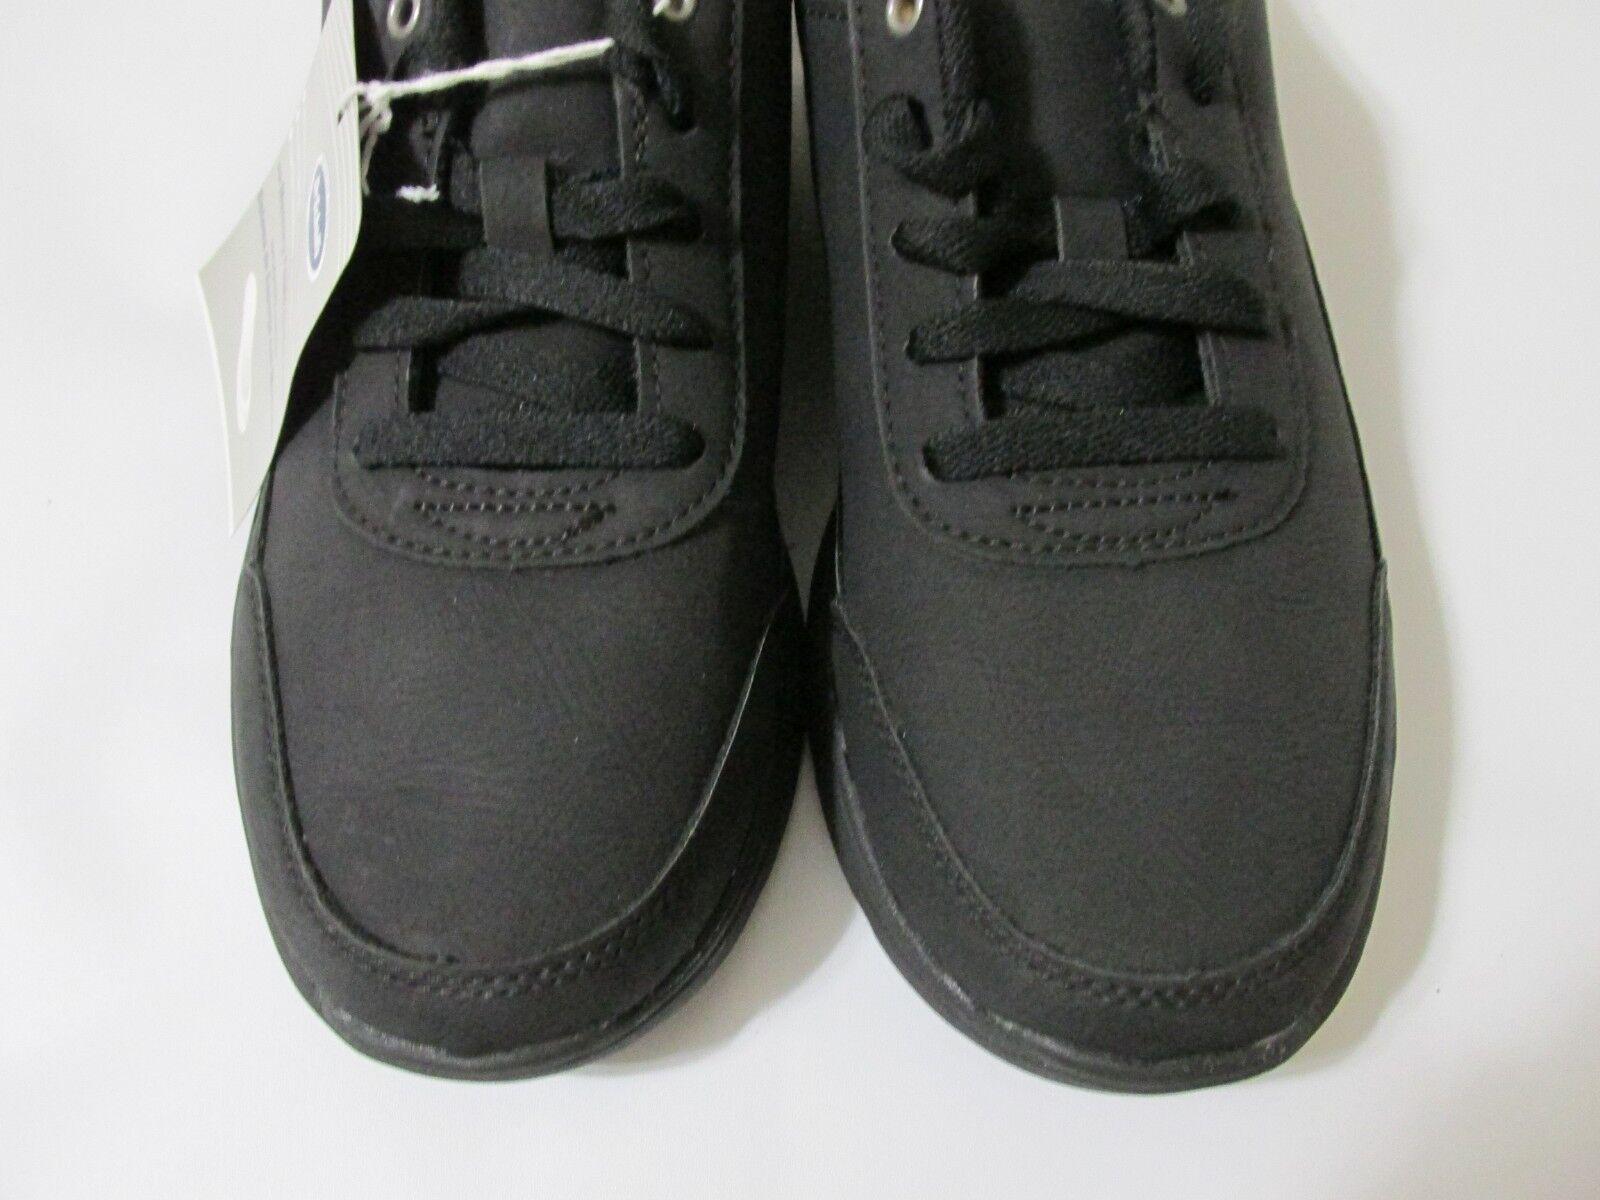 Brand New New New without Box, Dr. Scholl's Uomo Memory Foam FILO Casual scarpe - nero cdf109